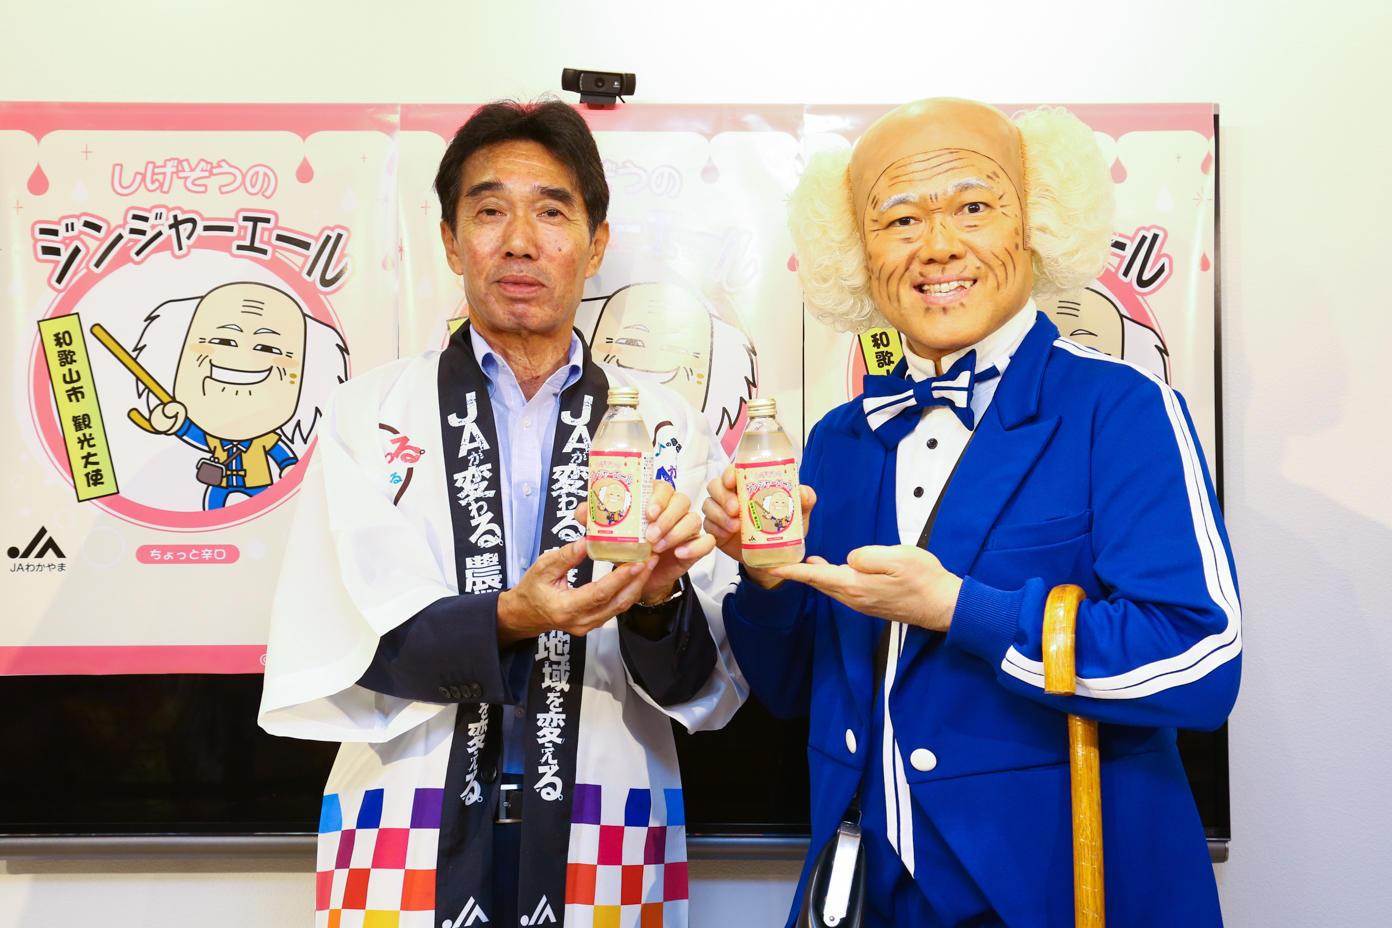 http://news.yoshimoto.co.jp/20180807212515-b7a643a0ce0ae36e63ef2d6ee51b415aa9ebdcba.jpg